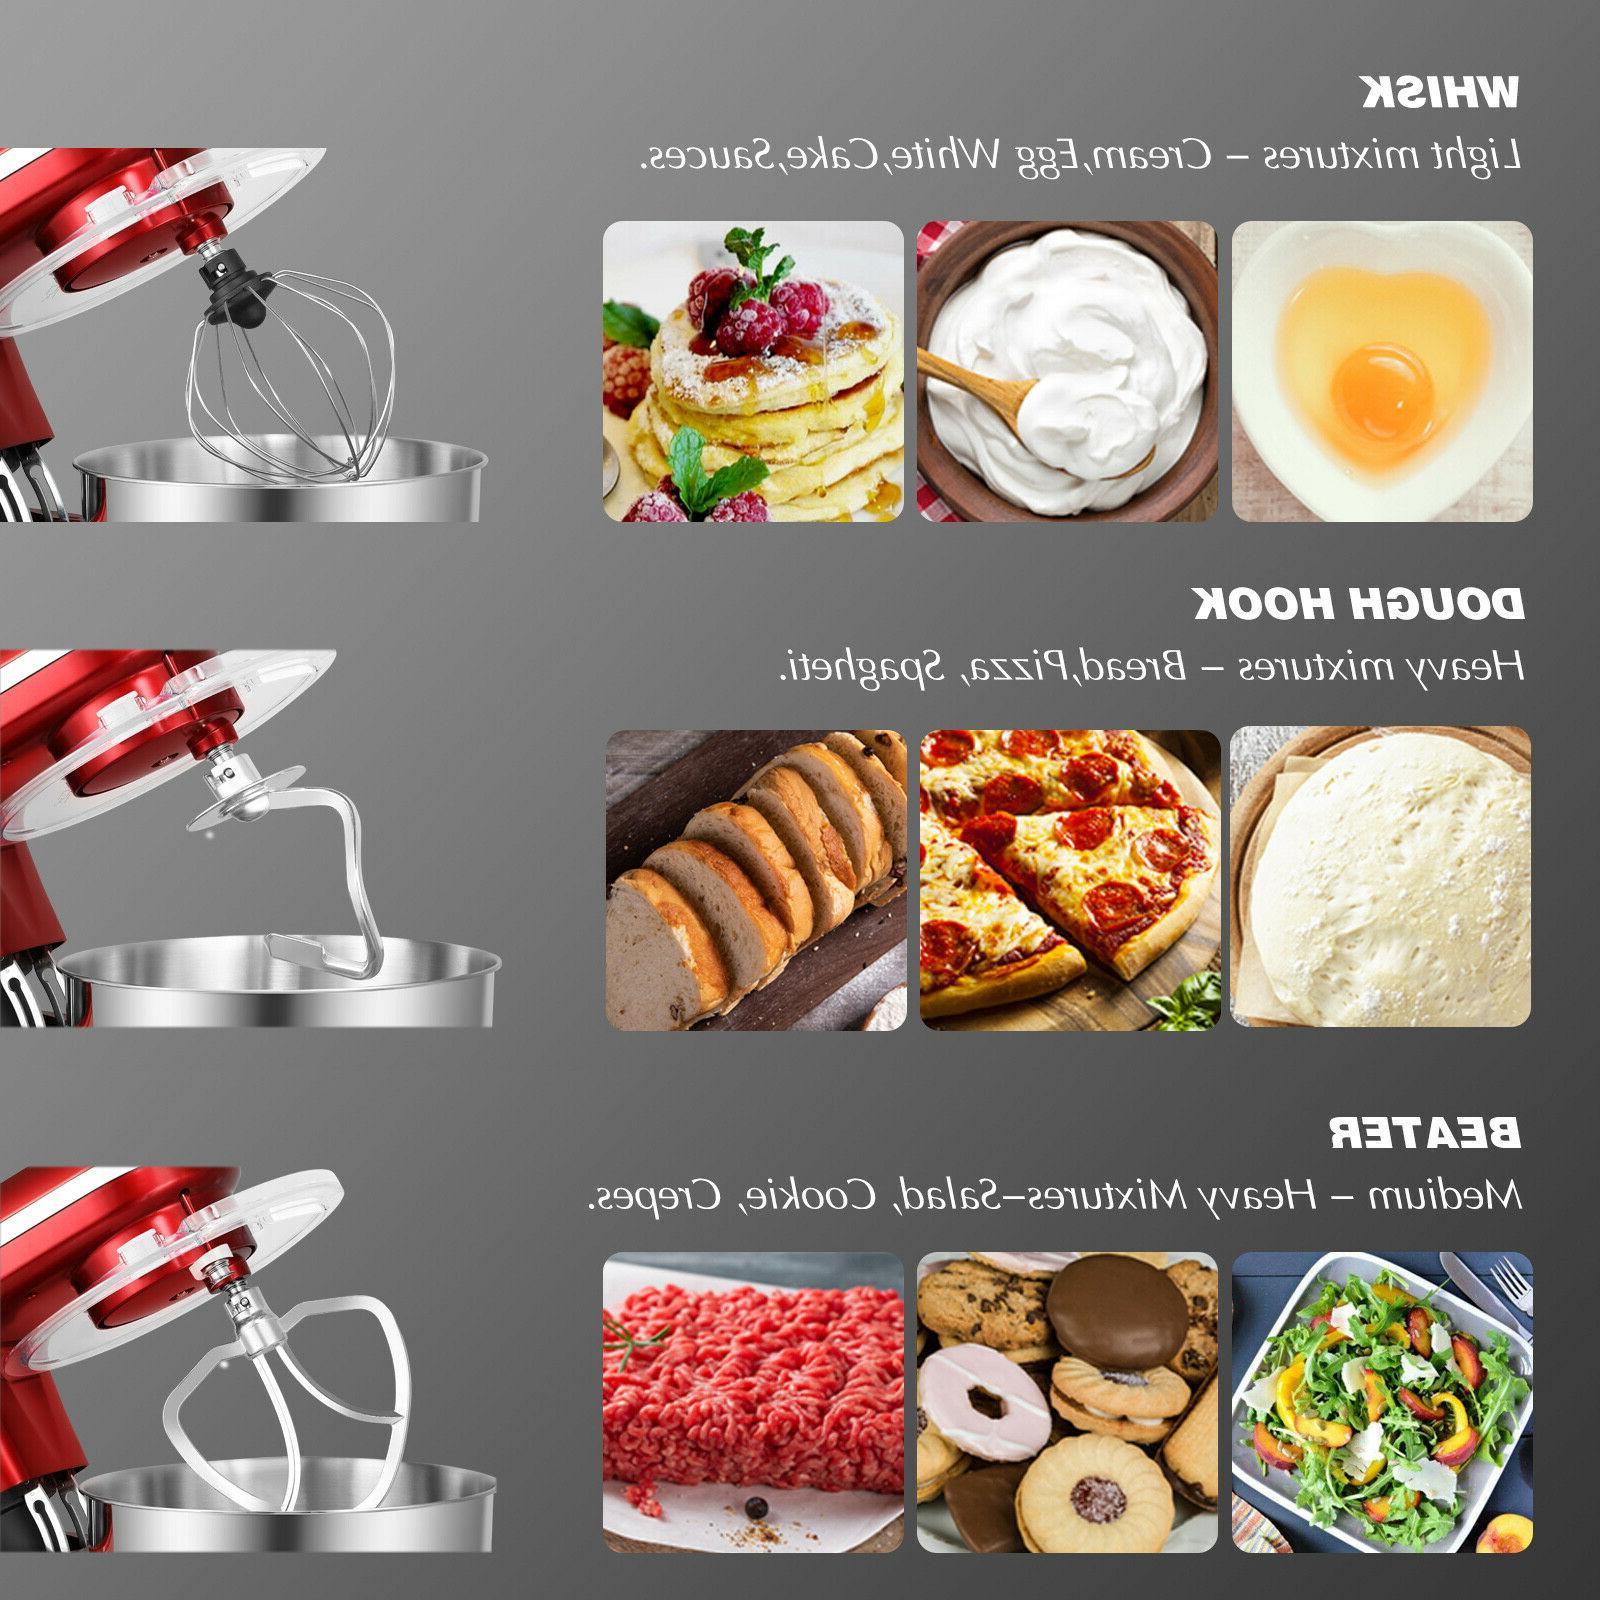 Pro Mixer 6-Speed Kitchen Bowl